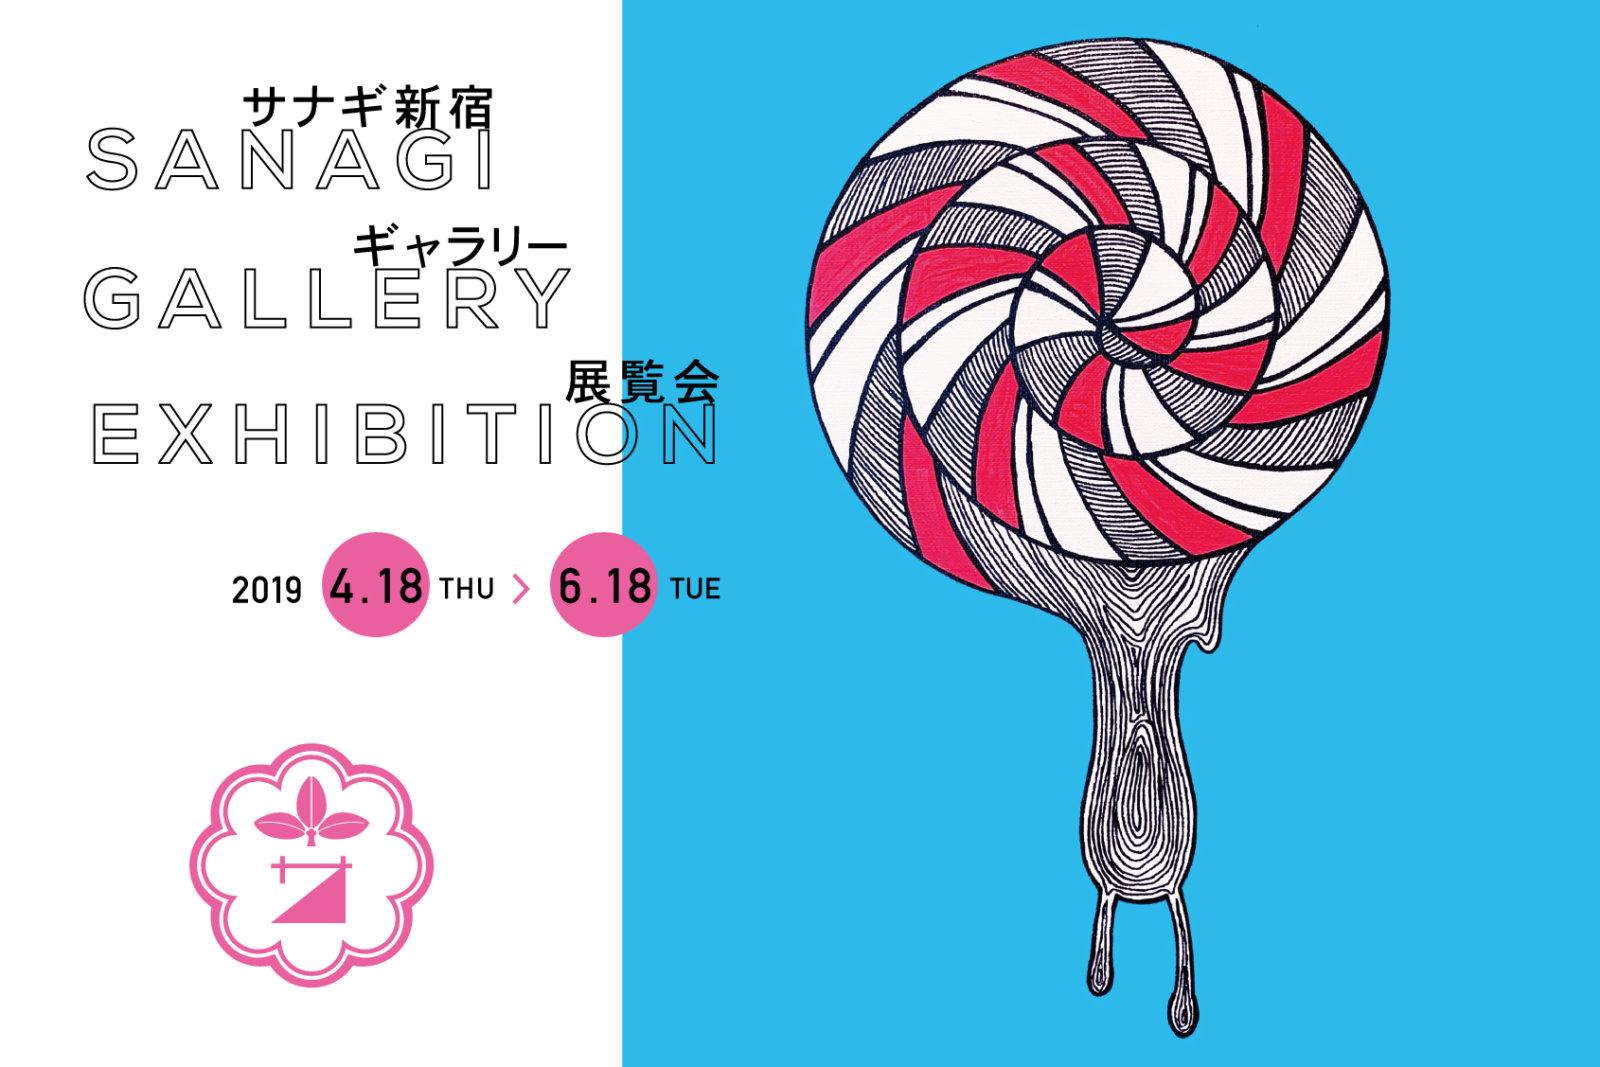 カフェ&クリエイティブスペース「サナギ 新宿」、イラストレーターA.YAMIの展示会を4月18日より期間限定開催!<br /><br />/サナギ 新宿